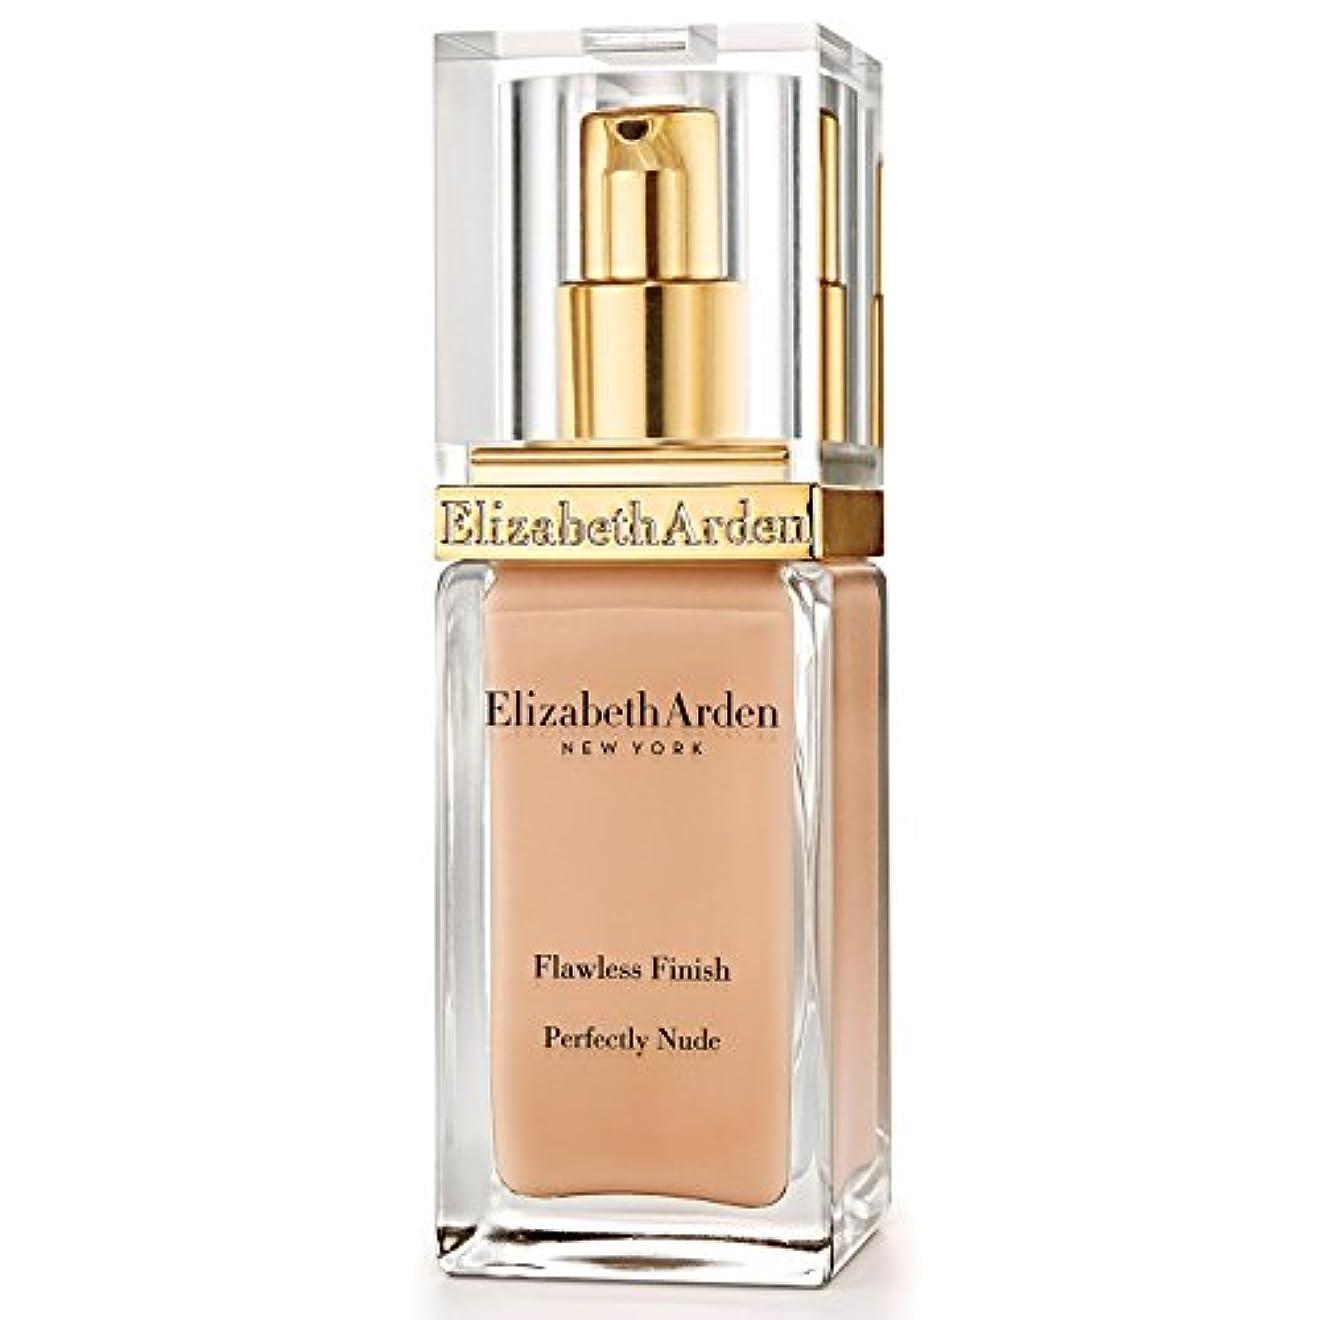 言うまでもなく吸収剤担当者エリザベスは、完璧な仕上がり完璧ヌードファンデーション 15暖かいマホガニーをアーデン x4 - Elizabeth Arden Flawless Finish Perfectly Nude Foundation SPF...